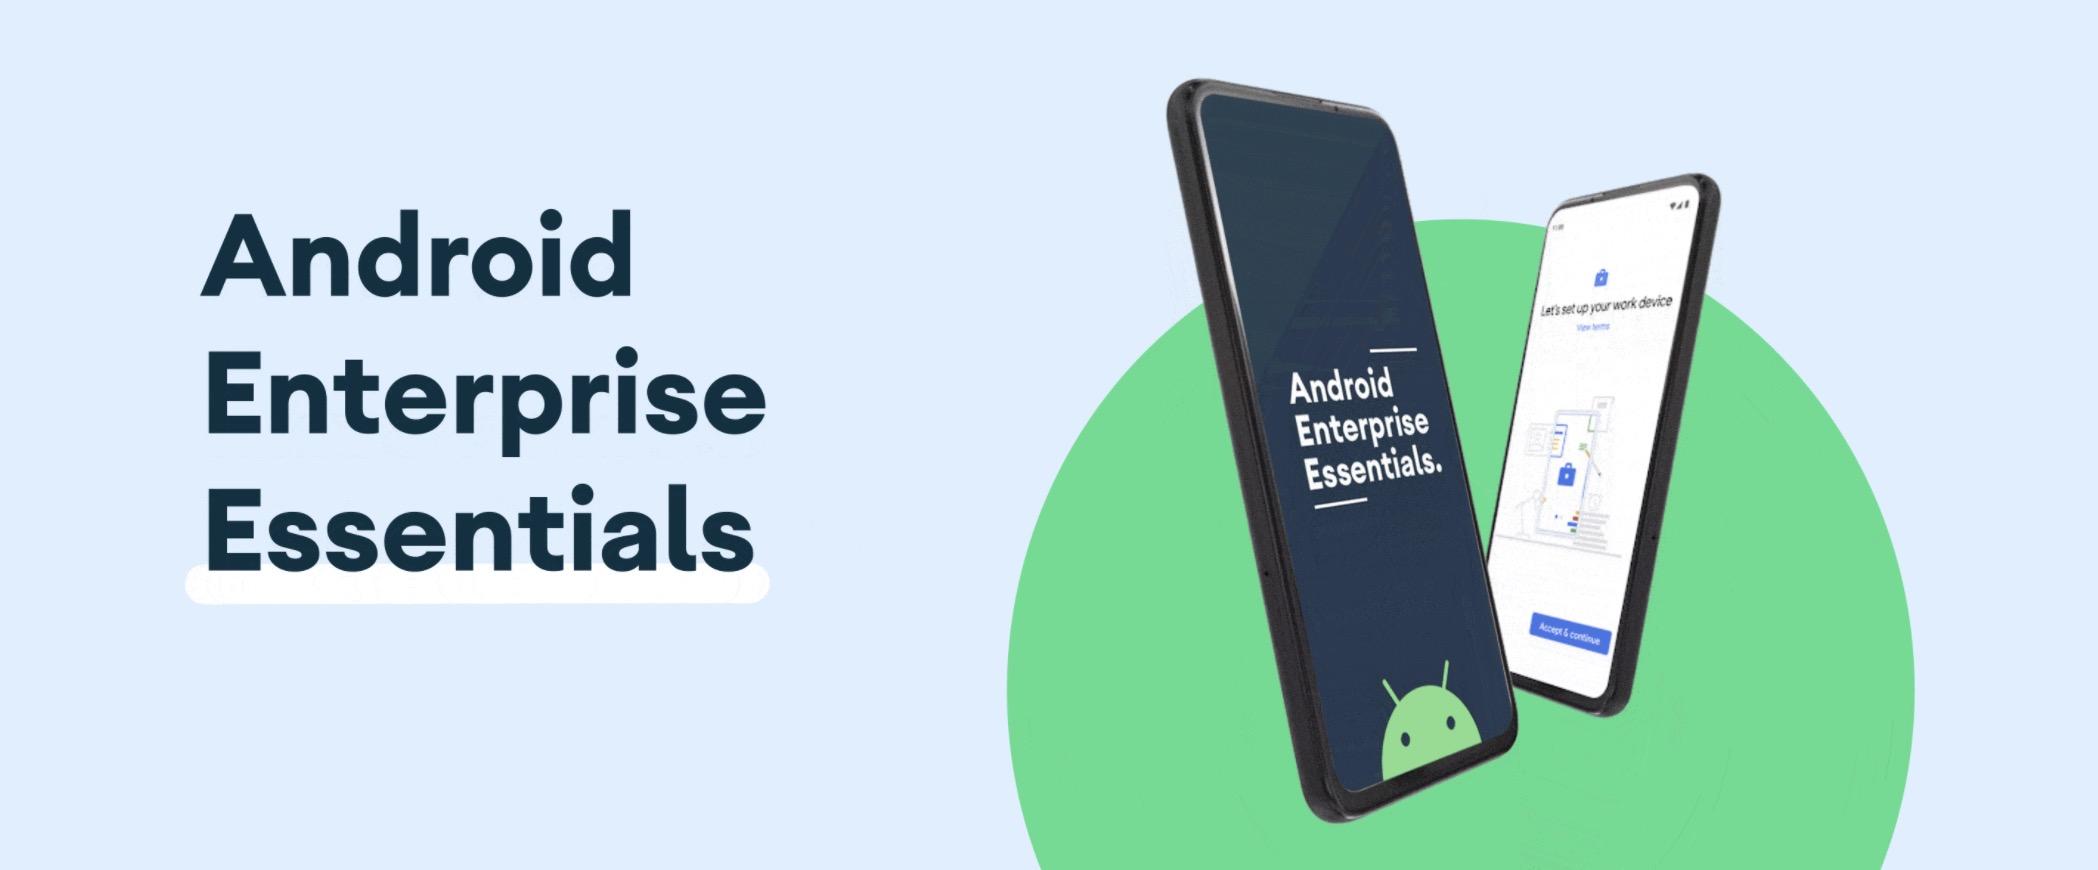 谷歌发布帮助中小企业管理手机的服务